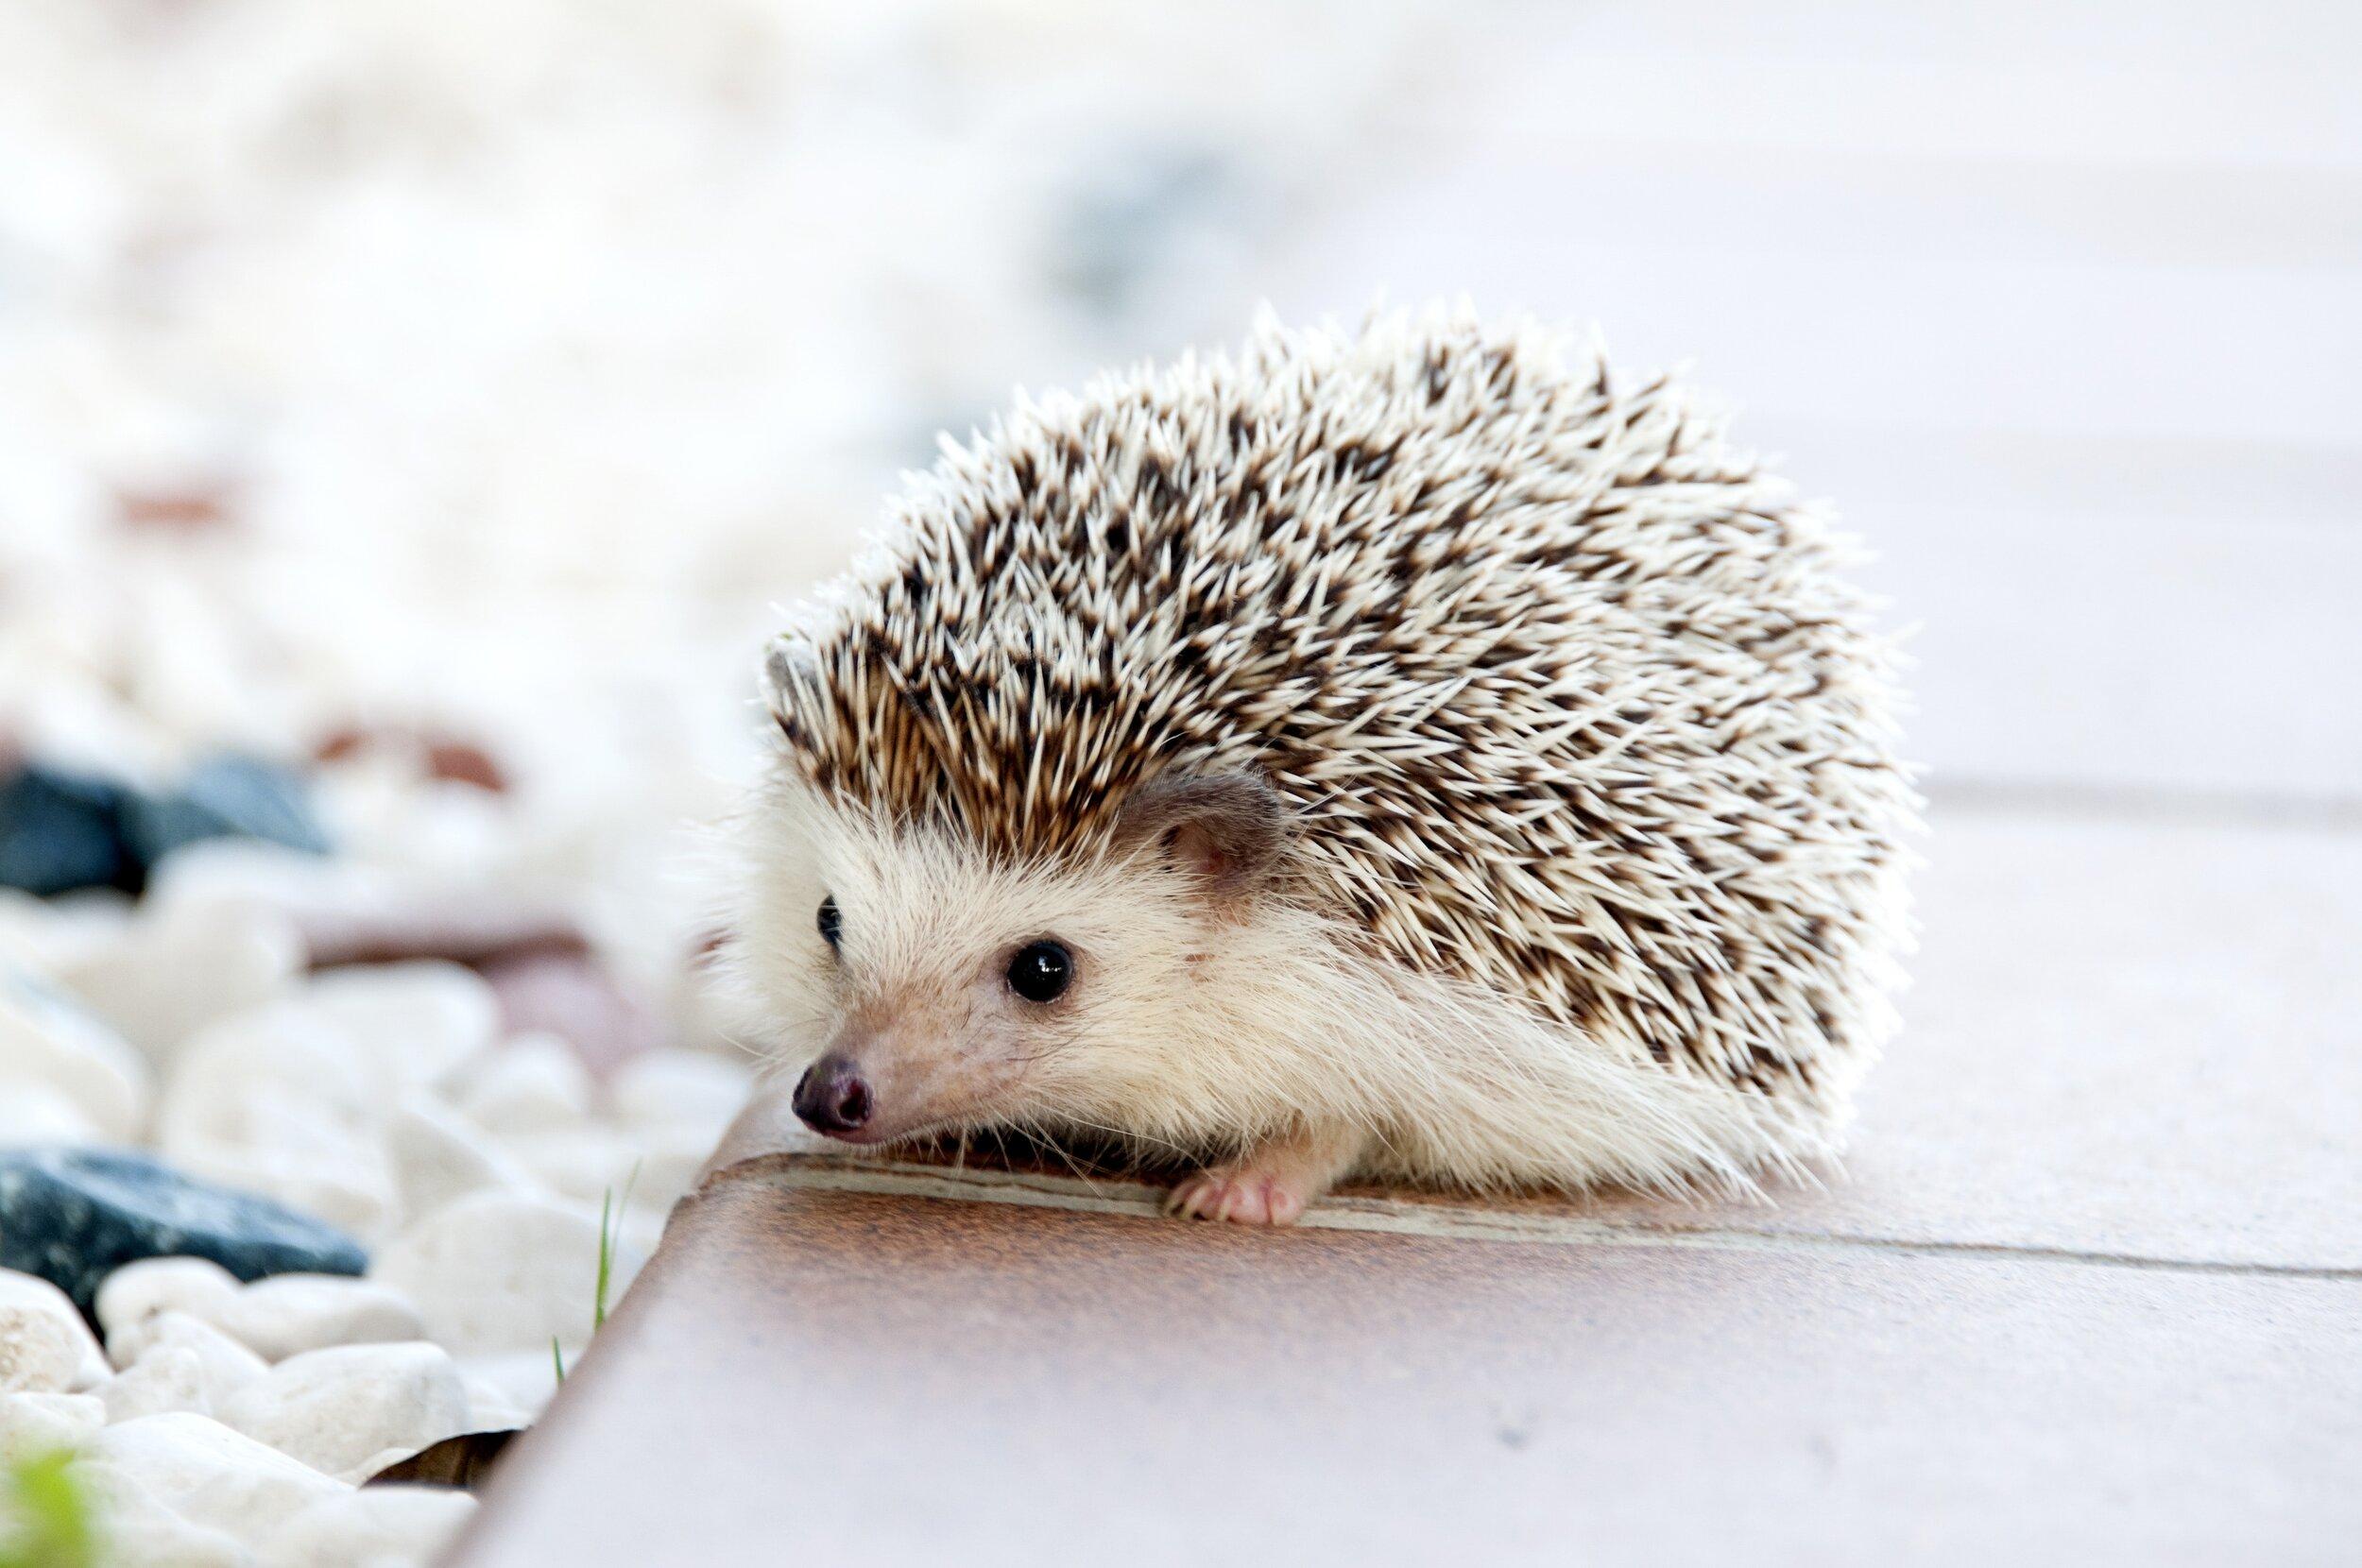 animal-cute-hedgehog-50577.jpg